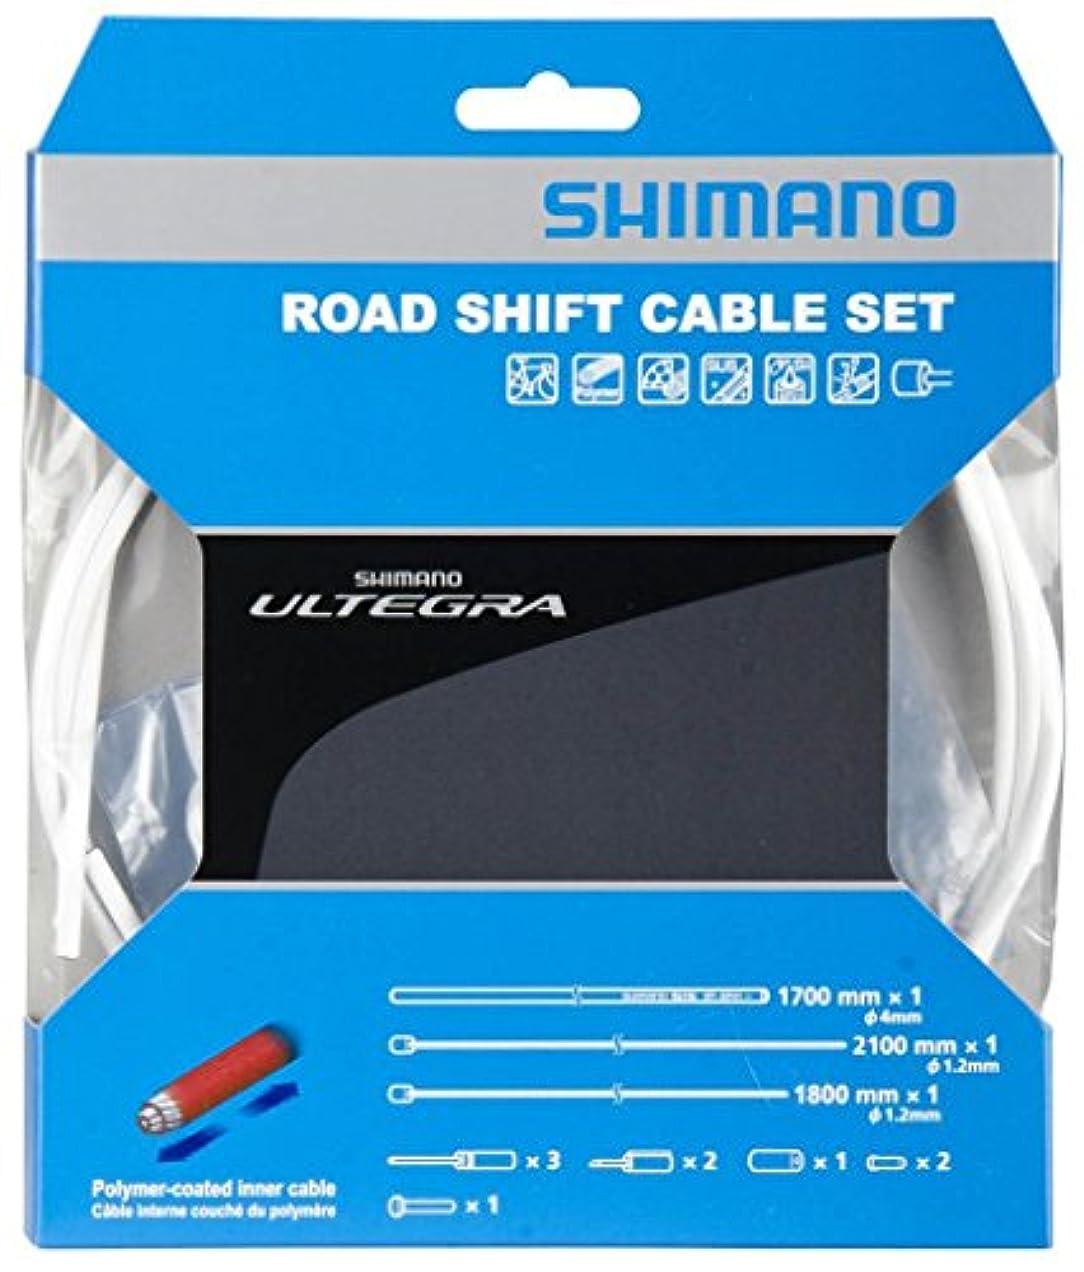 再生助けて歯科医SHIMANO(シマノ) 6800シリーズ ロードポリマーコーティングケーブルセット シフト用 イエロー Y00F98980